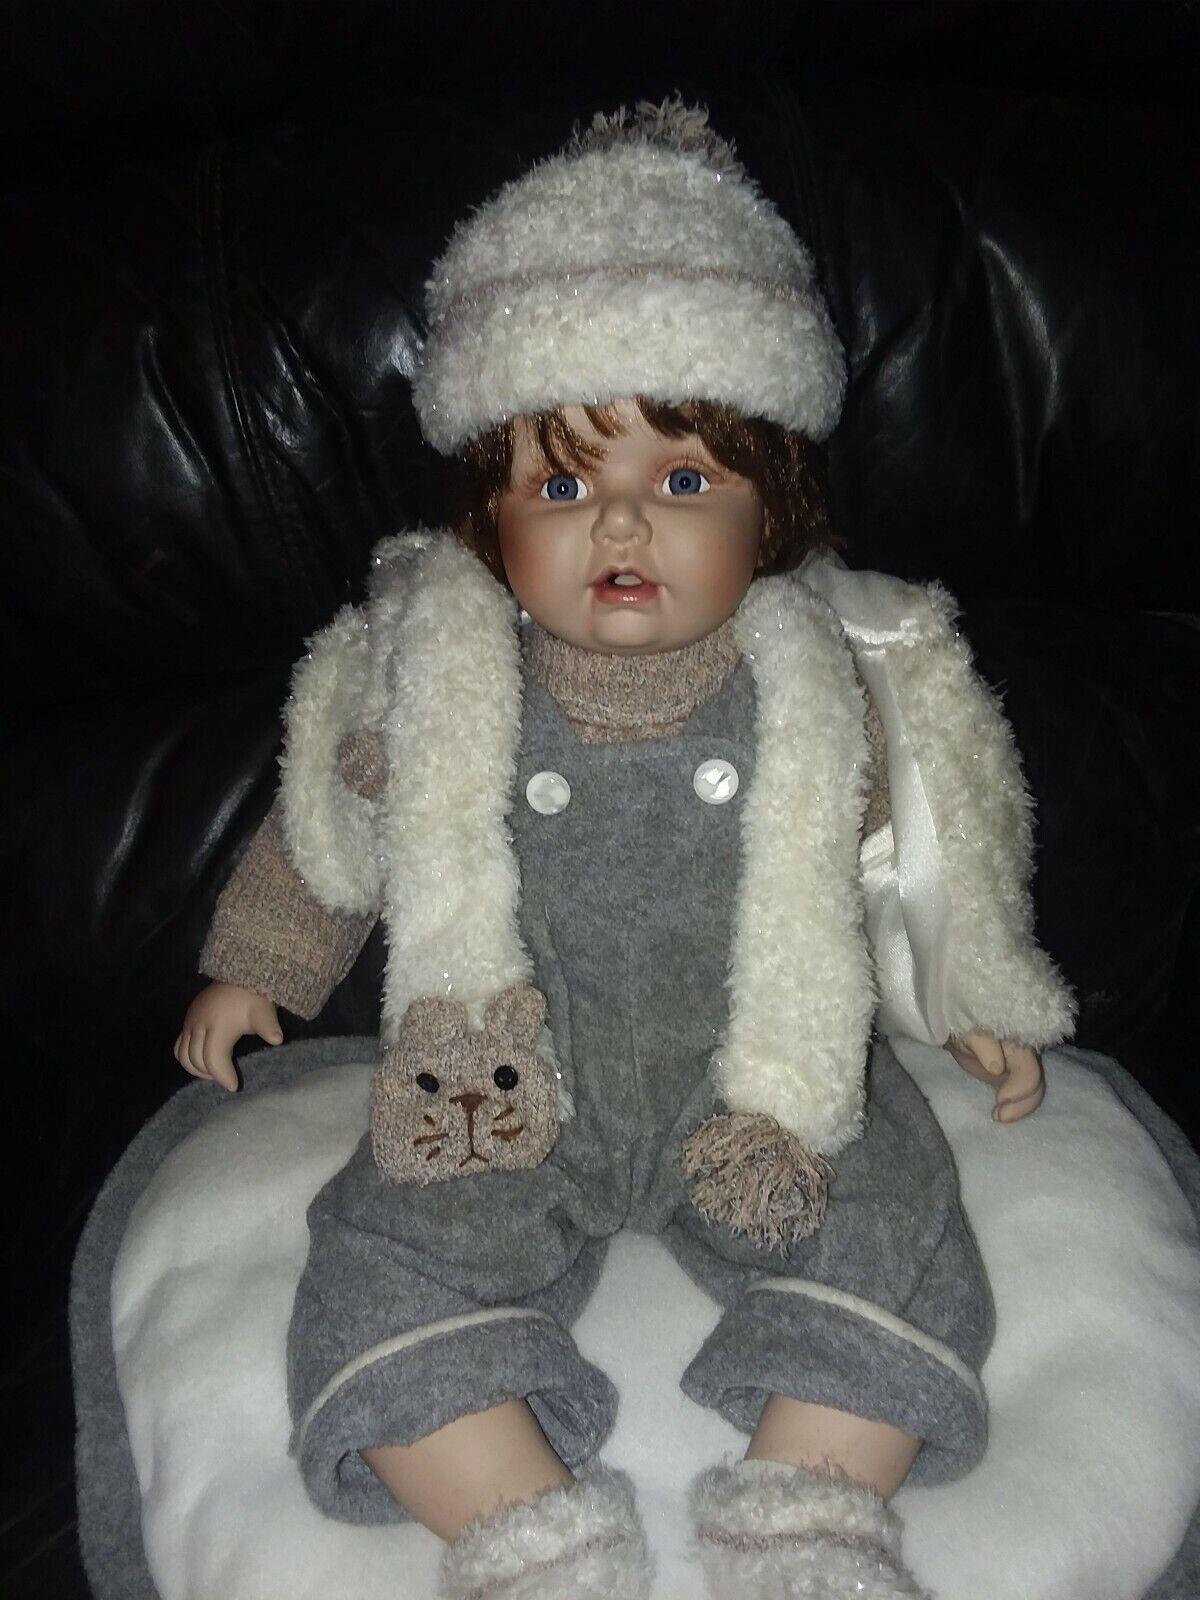 Cathay Collection Sitting  Porcelain bambola 22  in Original Outfit 1 - 3000  spedizione veloce e miglior servizio